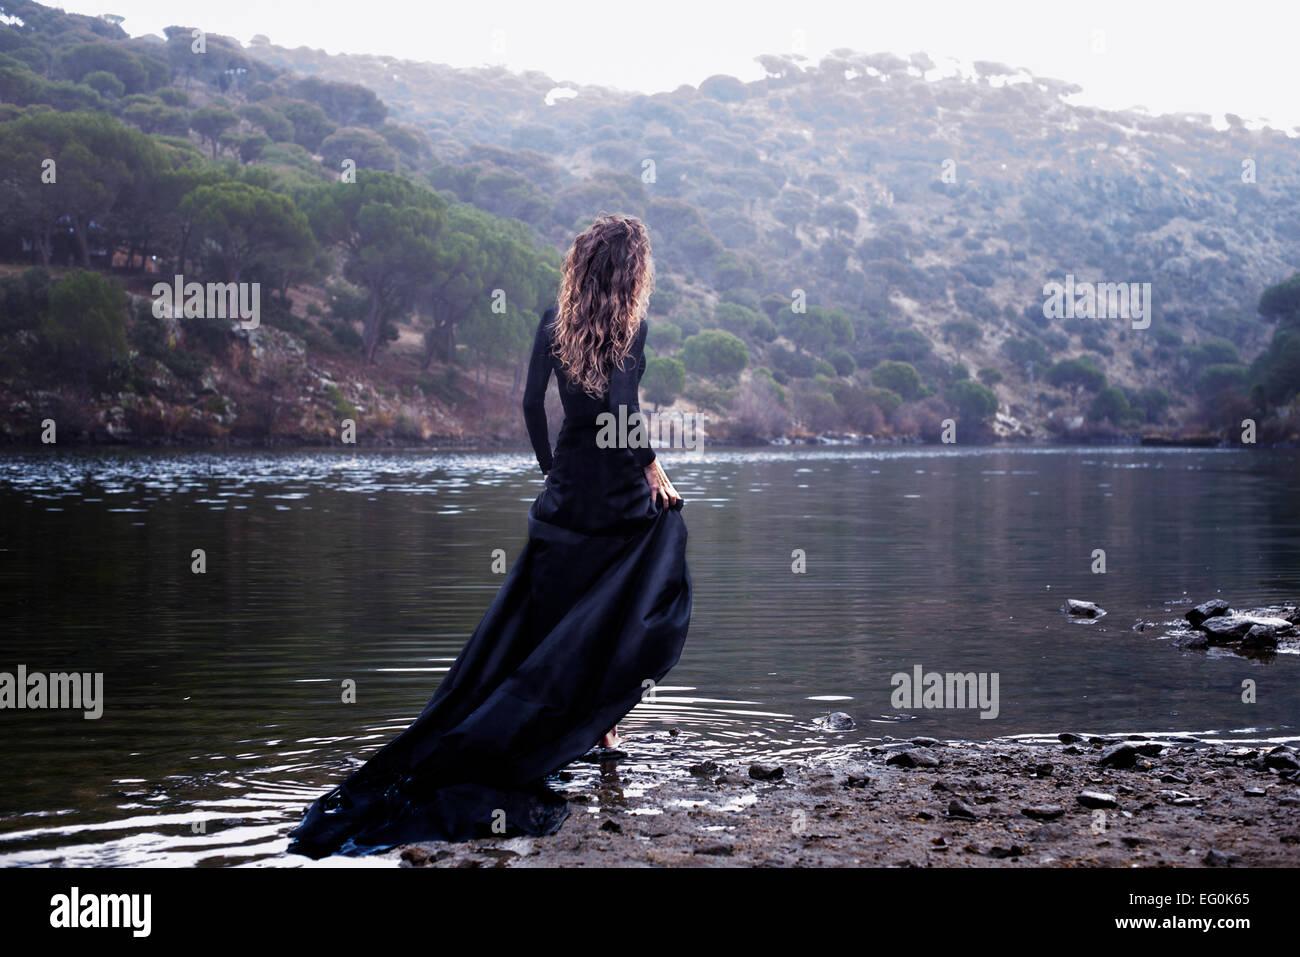 Donna in abito nero a piedi in acqua Immagini Stock